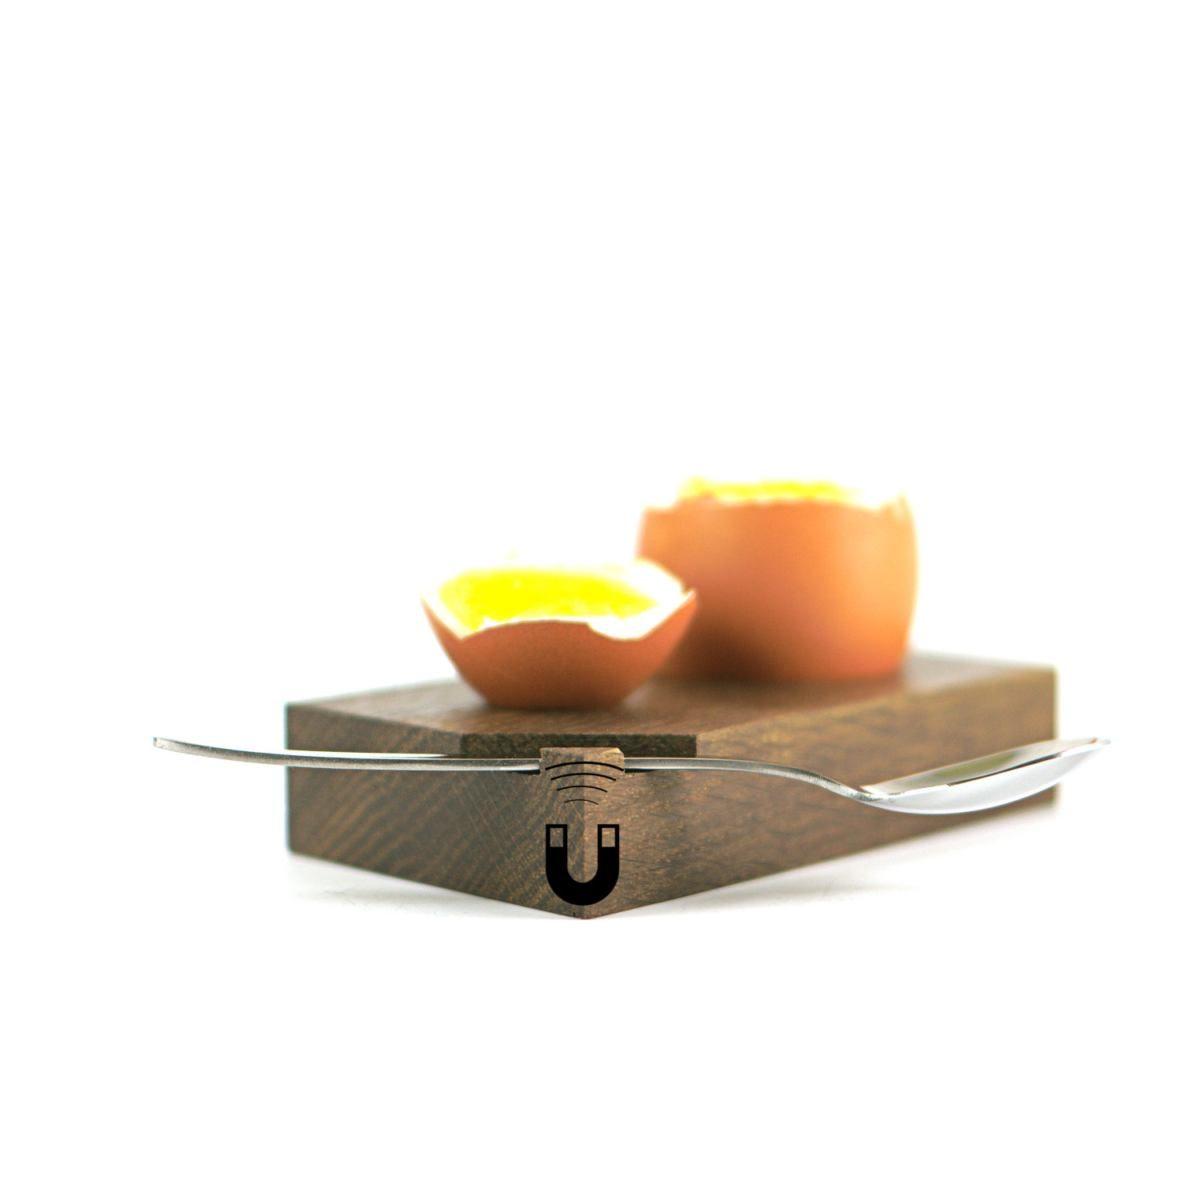 Eierbecher aus Holz mit Löffel und Magnethalterung.